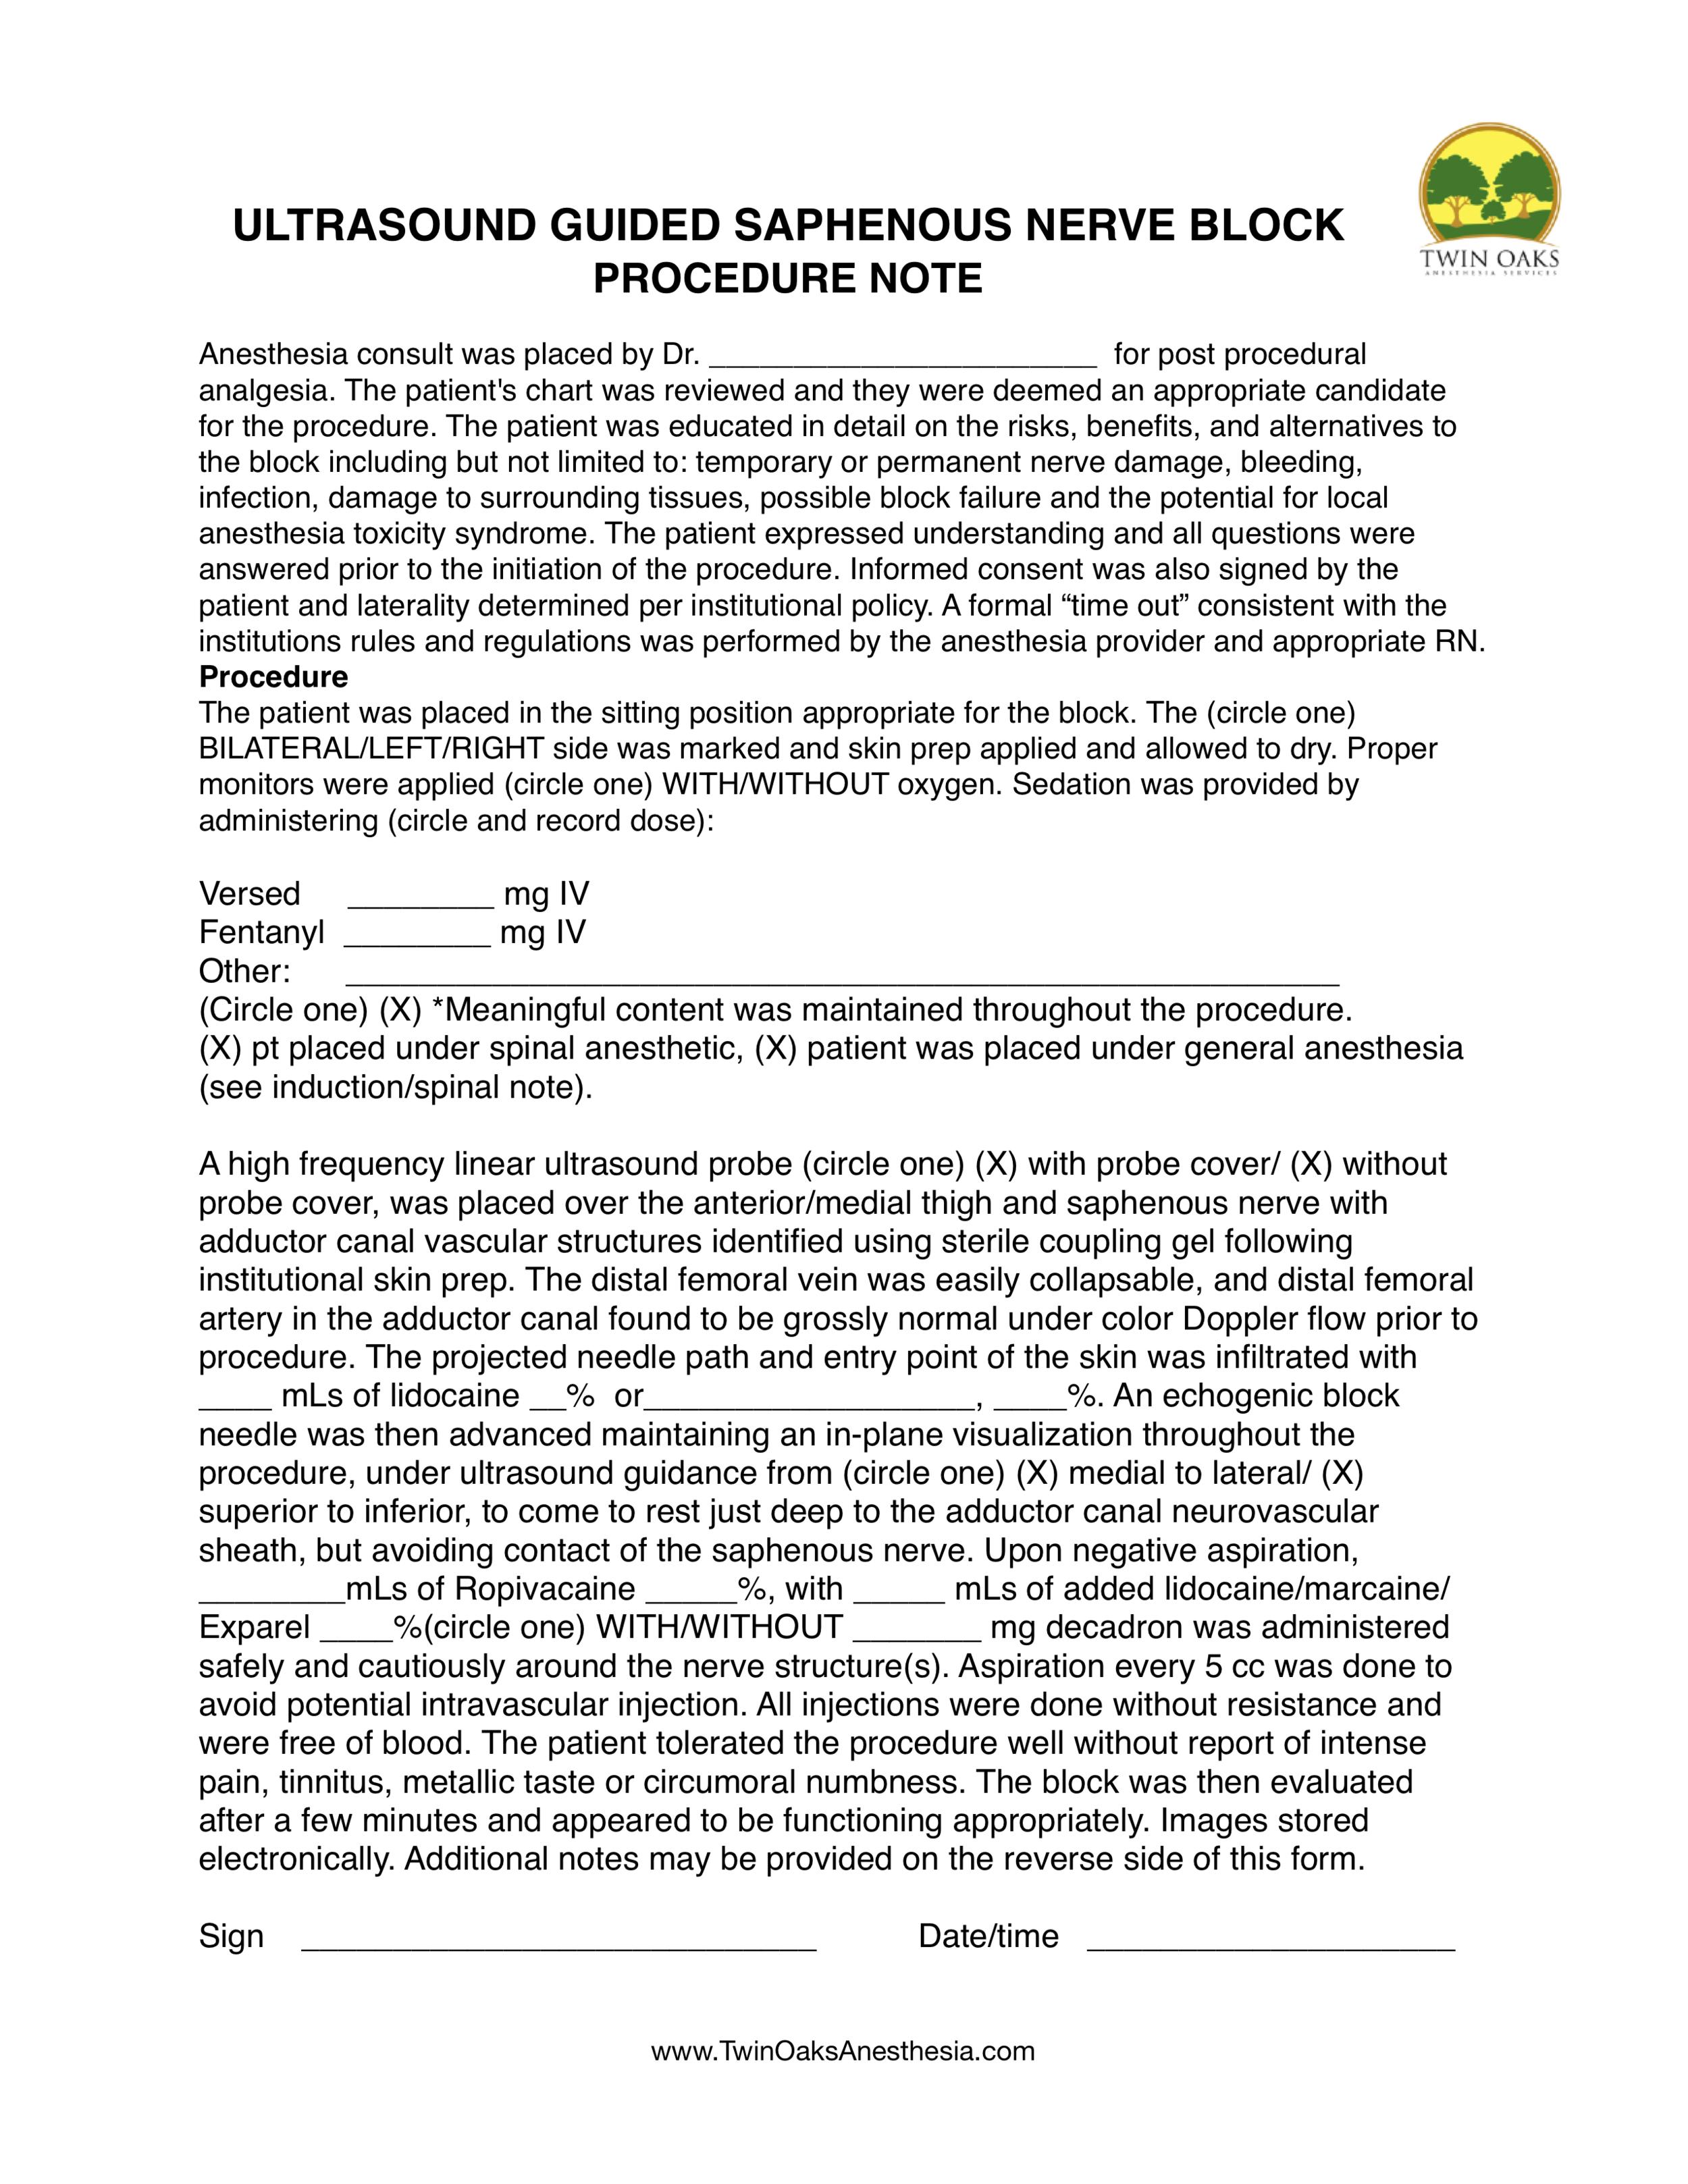 Saphenous nerve block Procedure Form.png